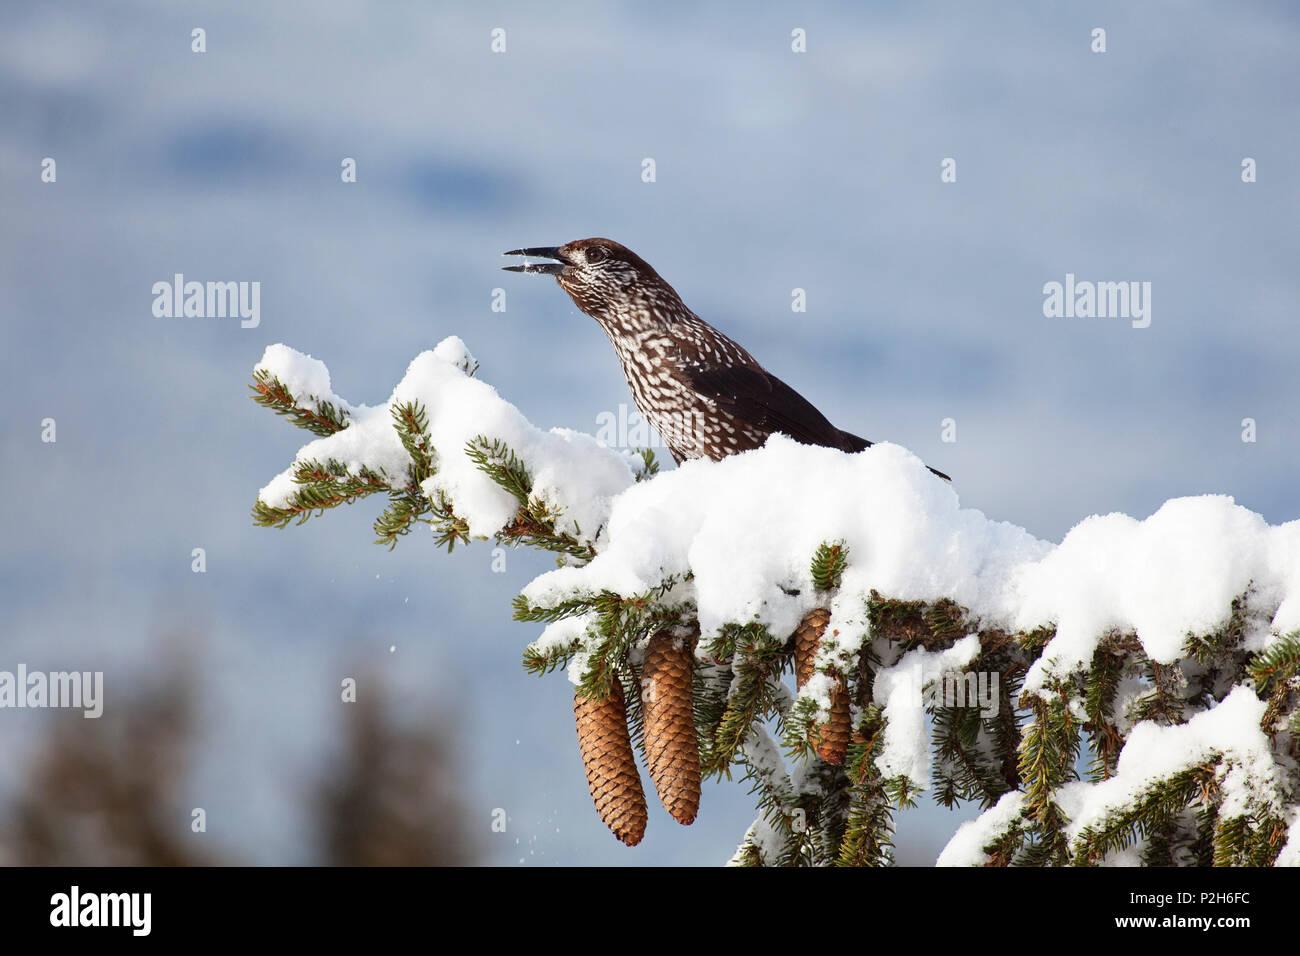 Nutcracker on spruce, Nucifraga caryocatactes, Bavaria, Germany - Stock Image